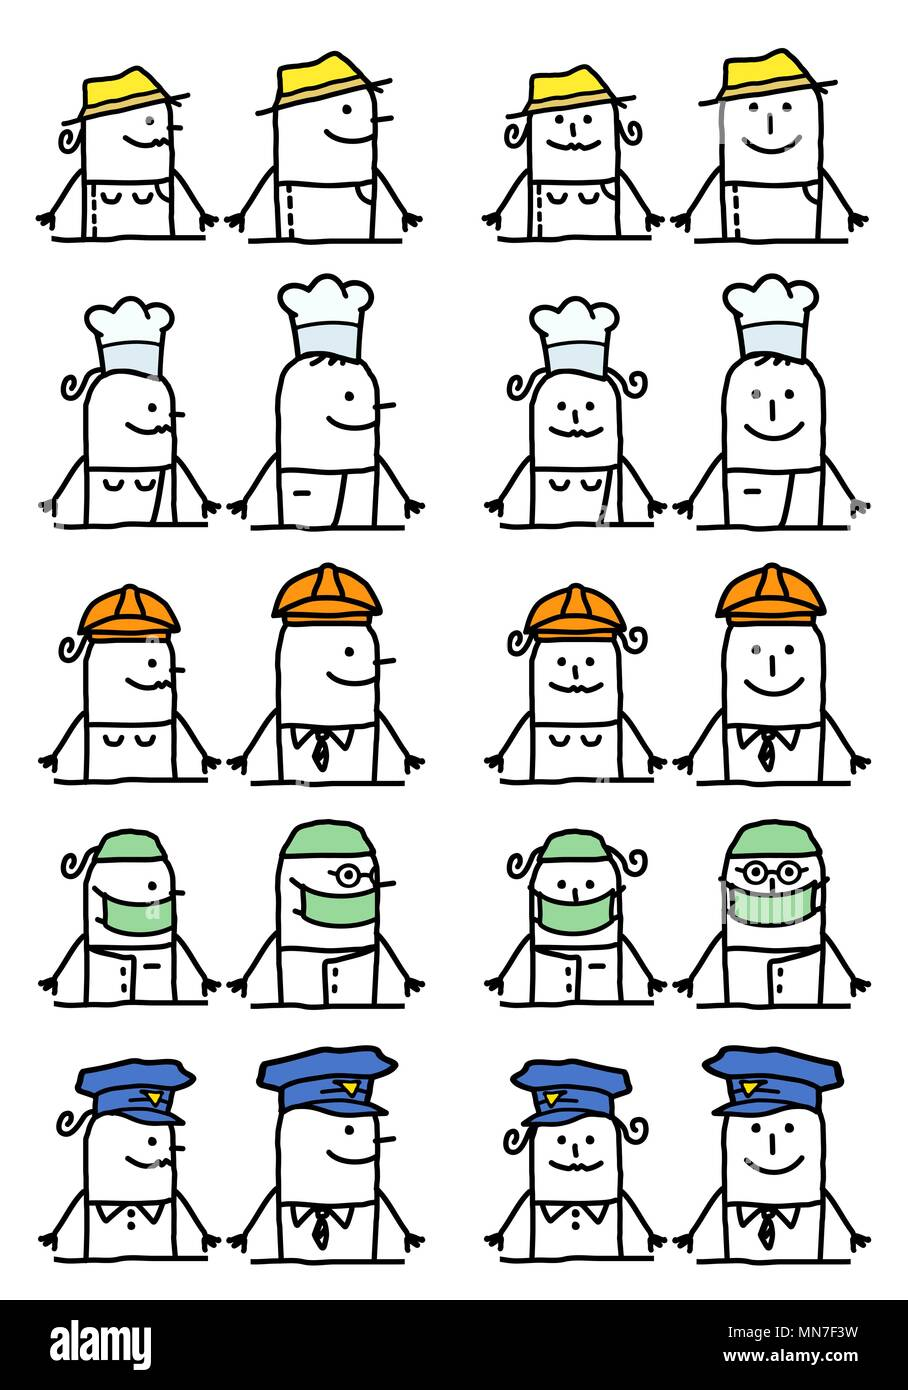 Los Personajes De Dibujos Animados Empleos Y Ocupaciones